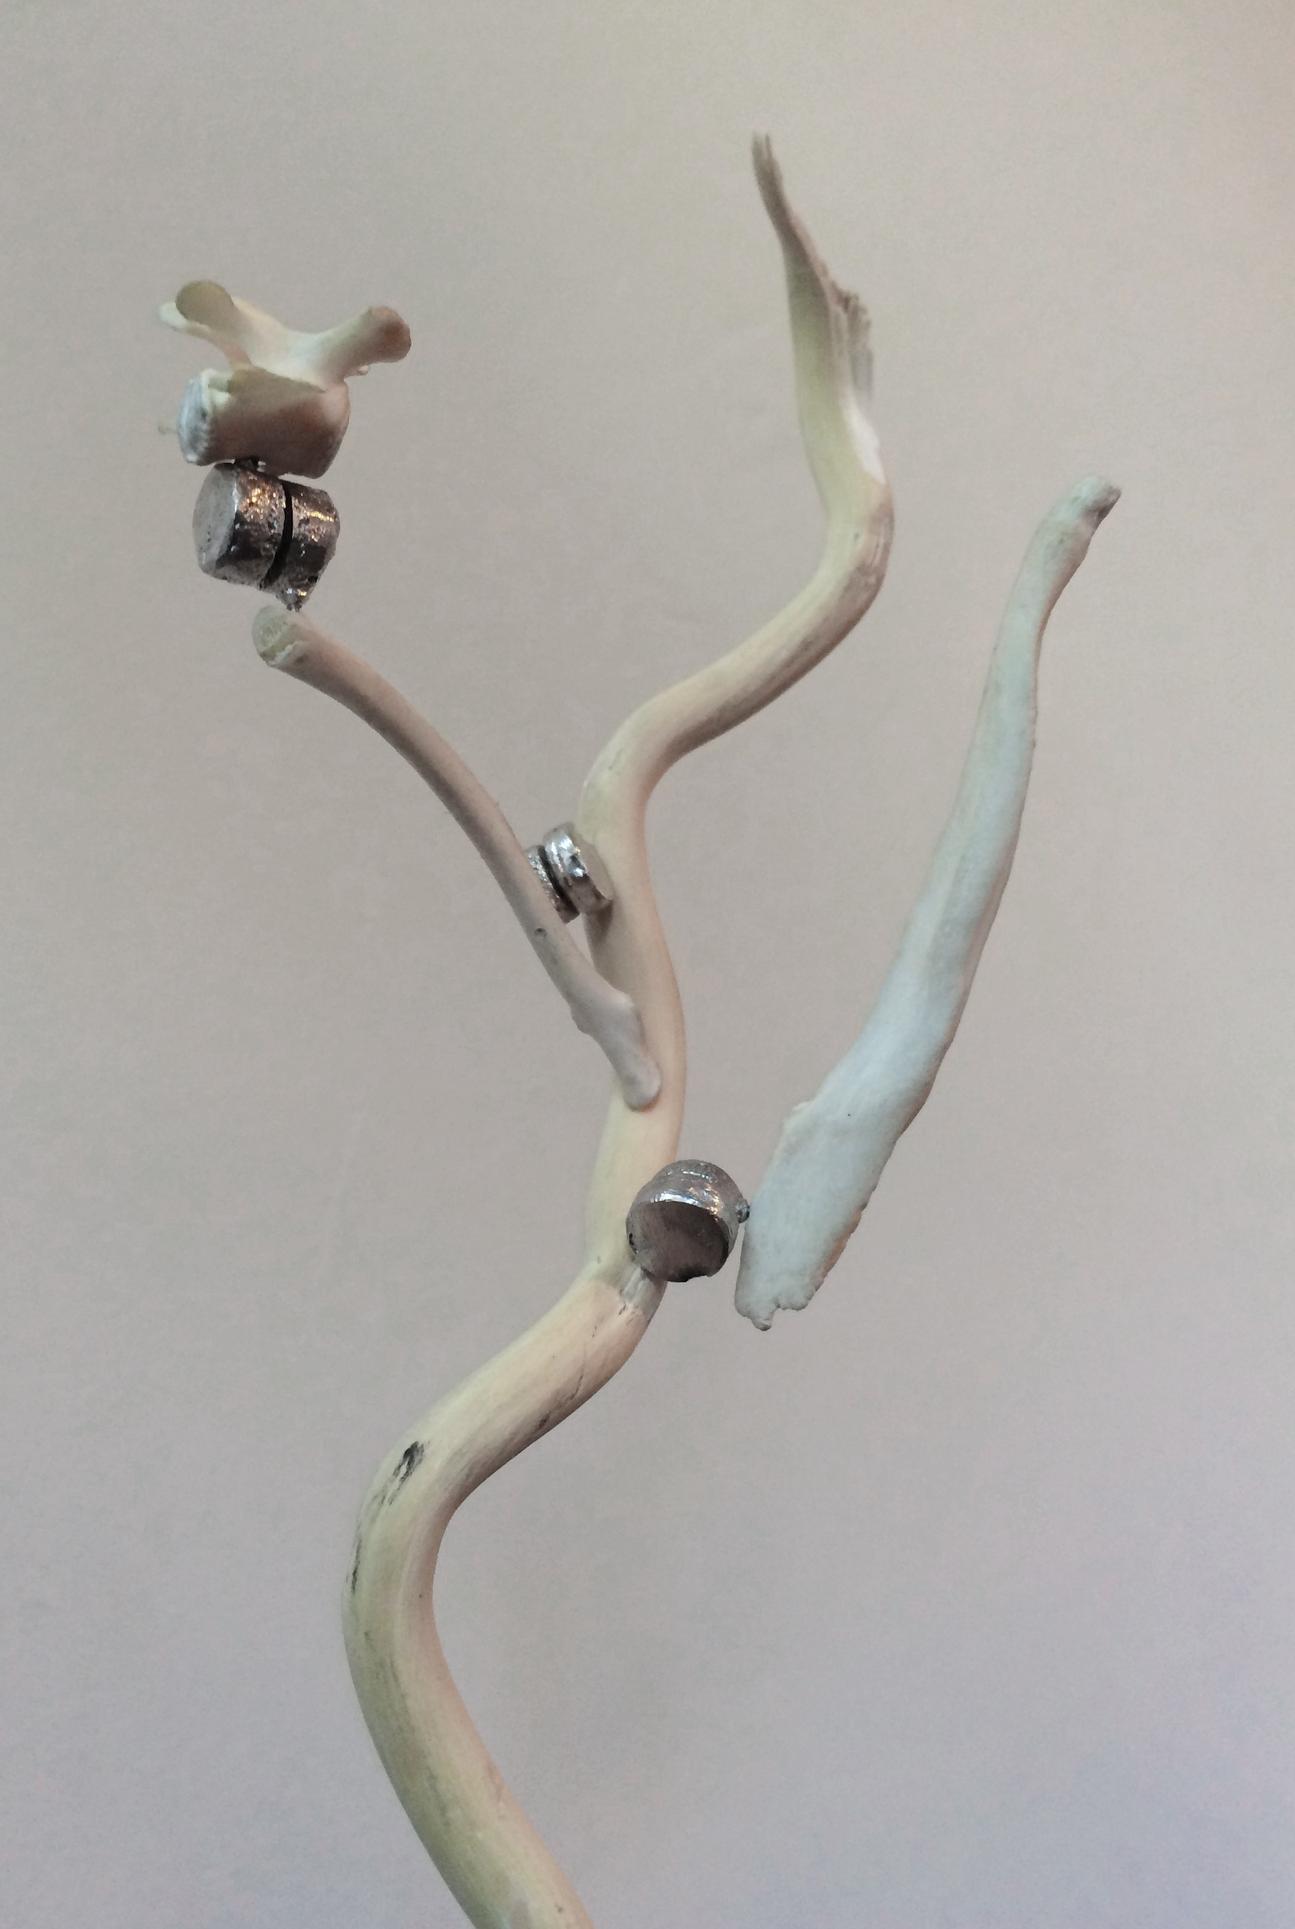 BUTTON-TAP JOINT Bismuth, neodymium, corkscrew willow, bone